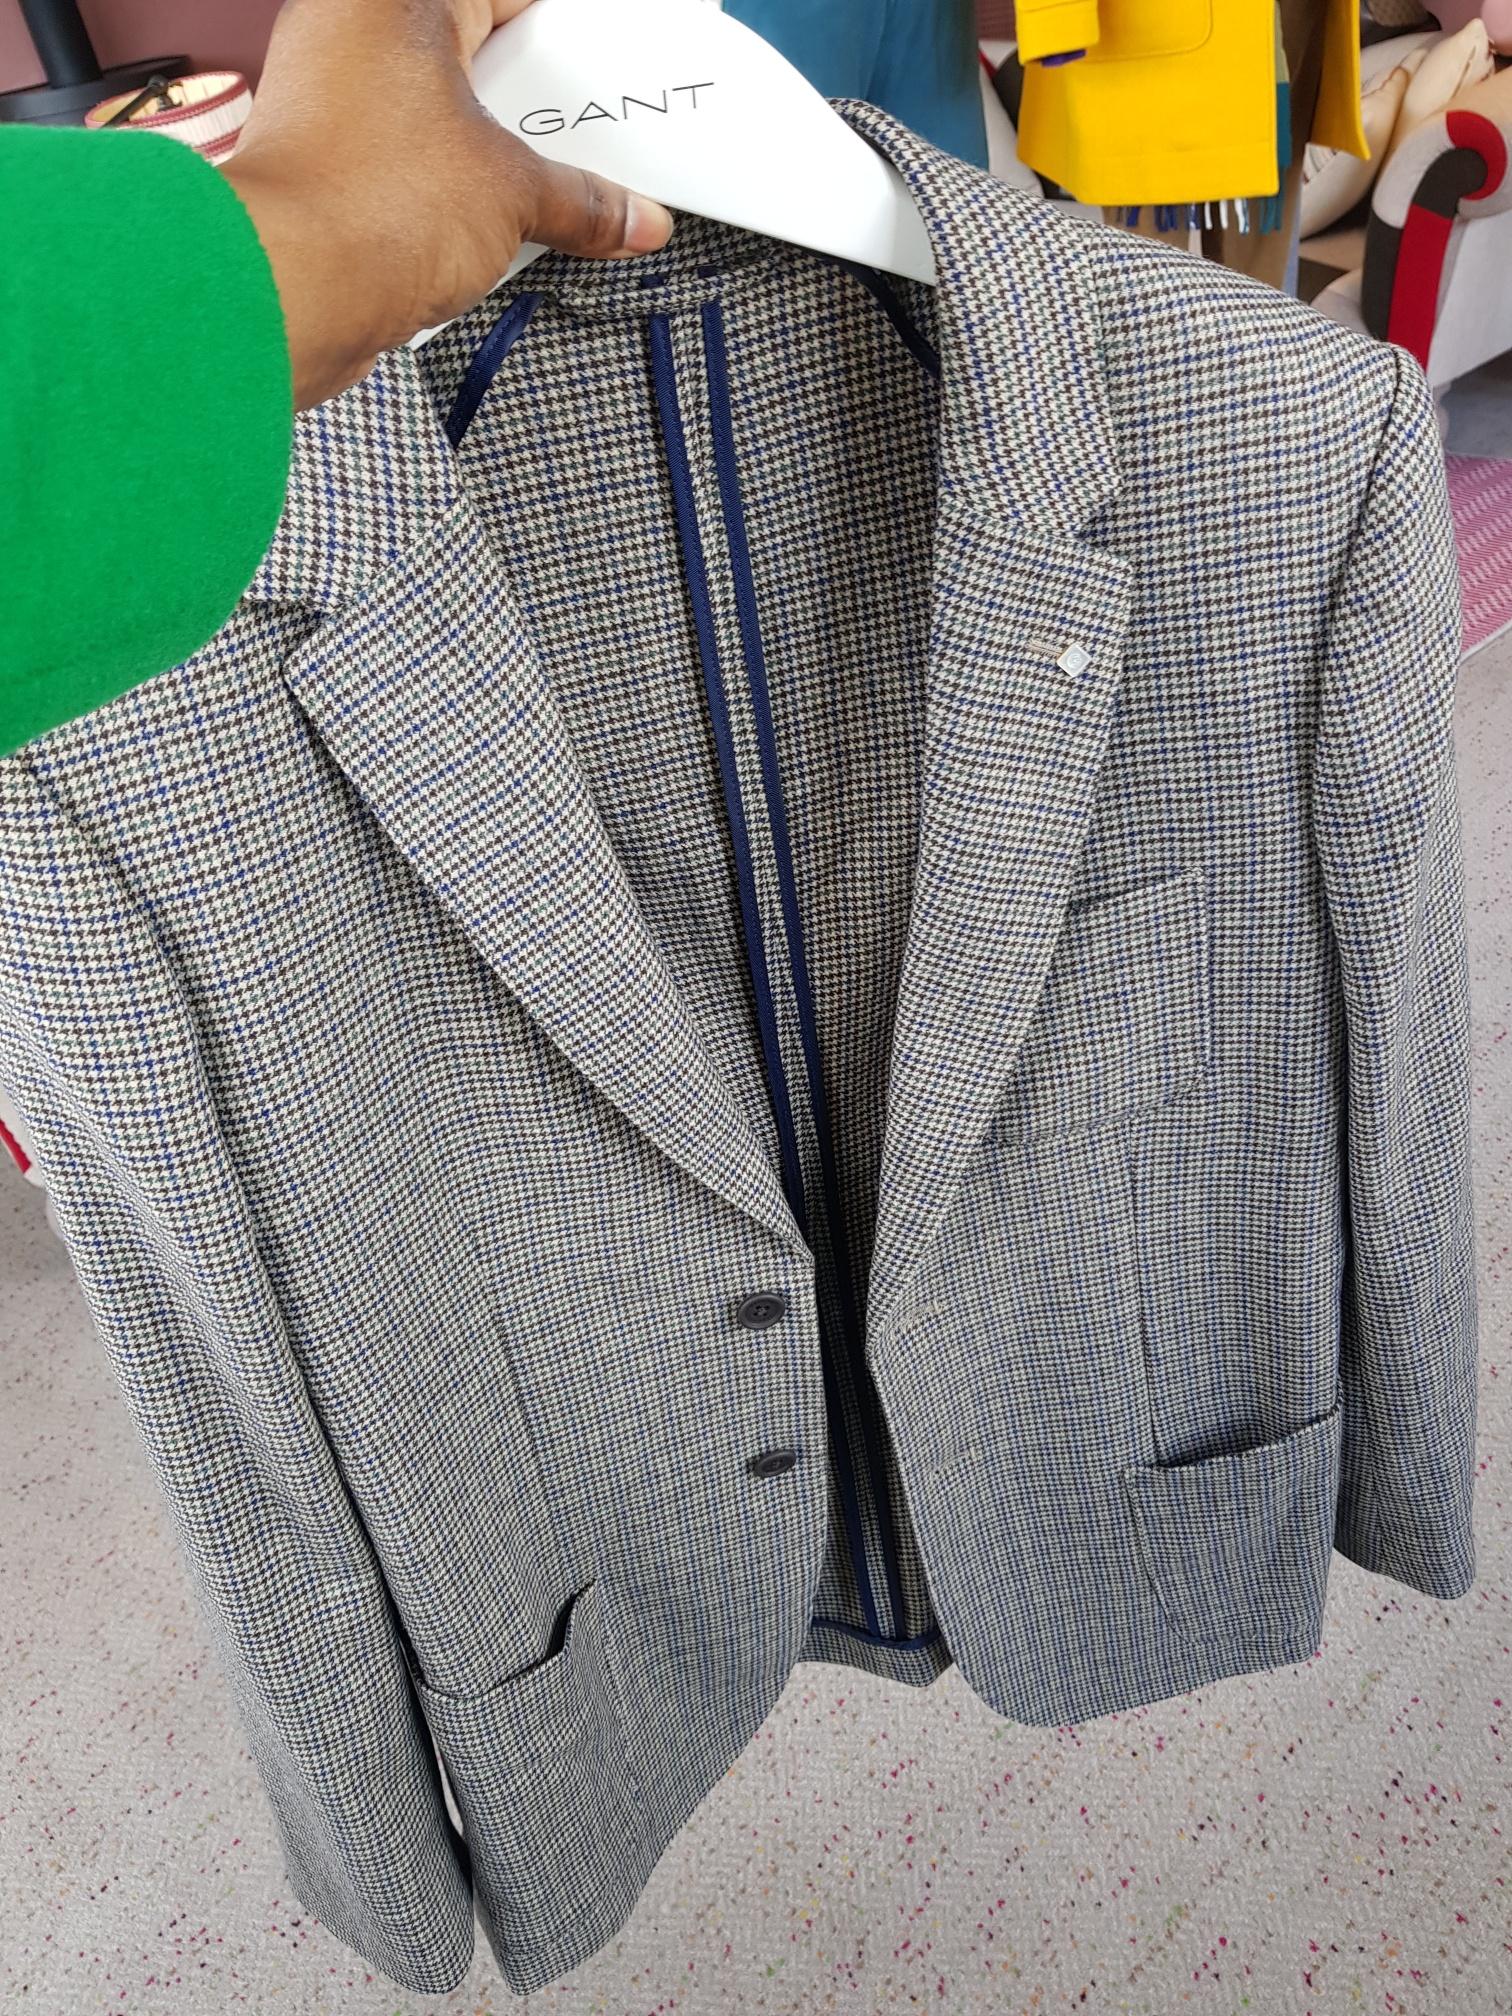 puffa jacket.jpg